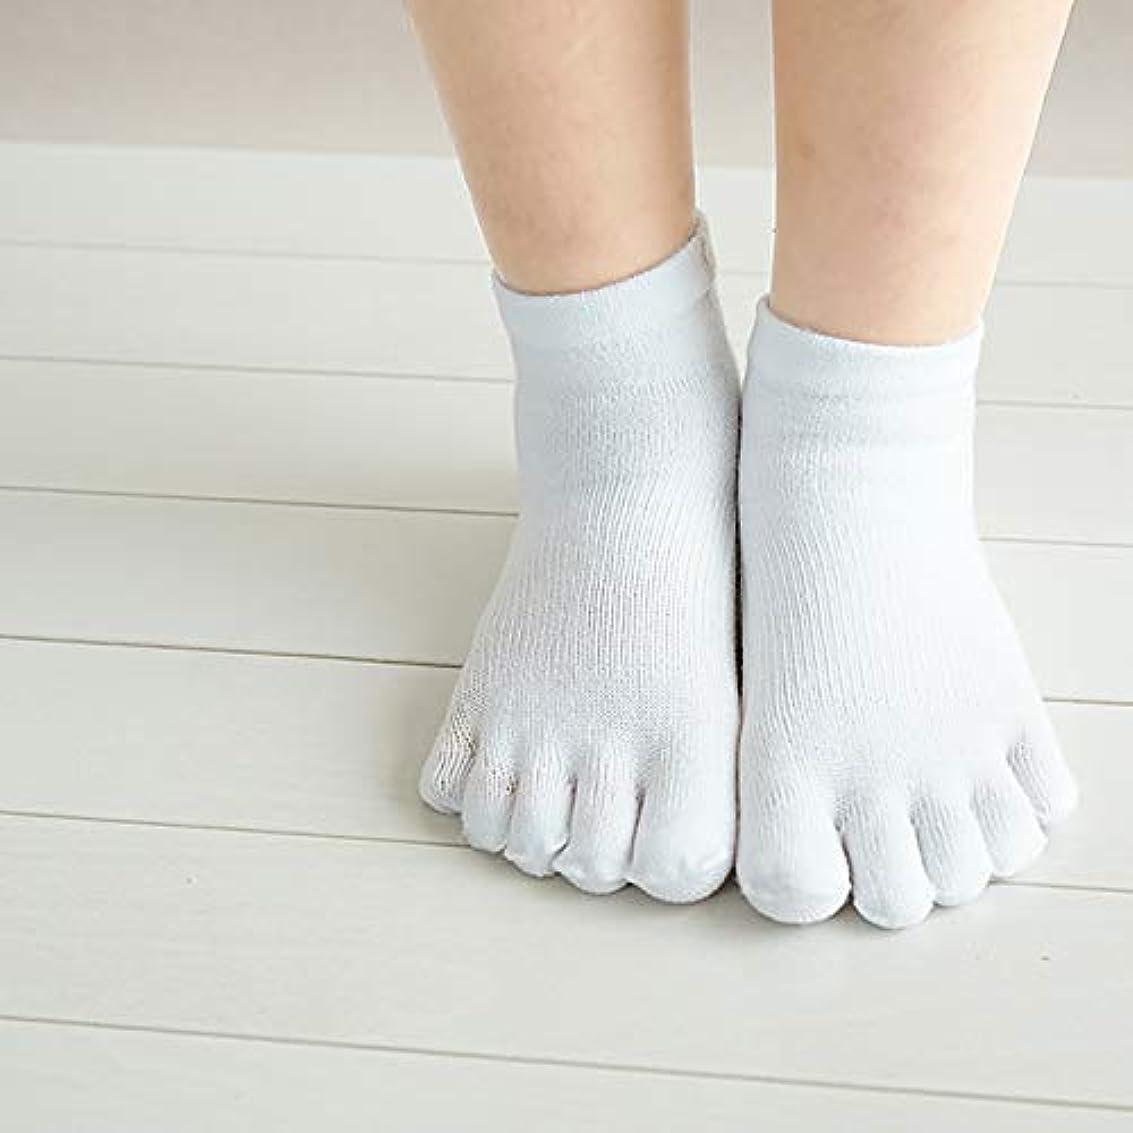 乱闘災難復活するゆびのばソックス Neo アズキッズ ホワイト 幼児用靴下 5本指ソックス